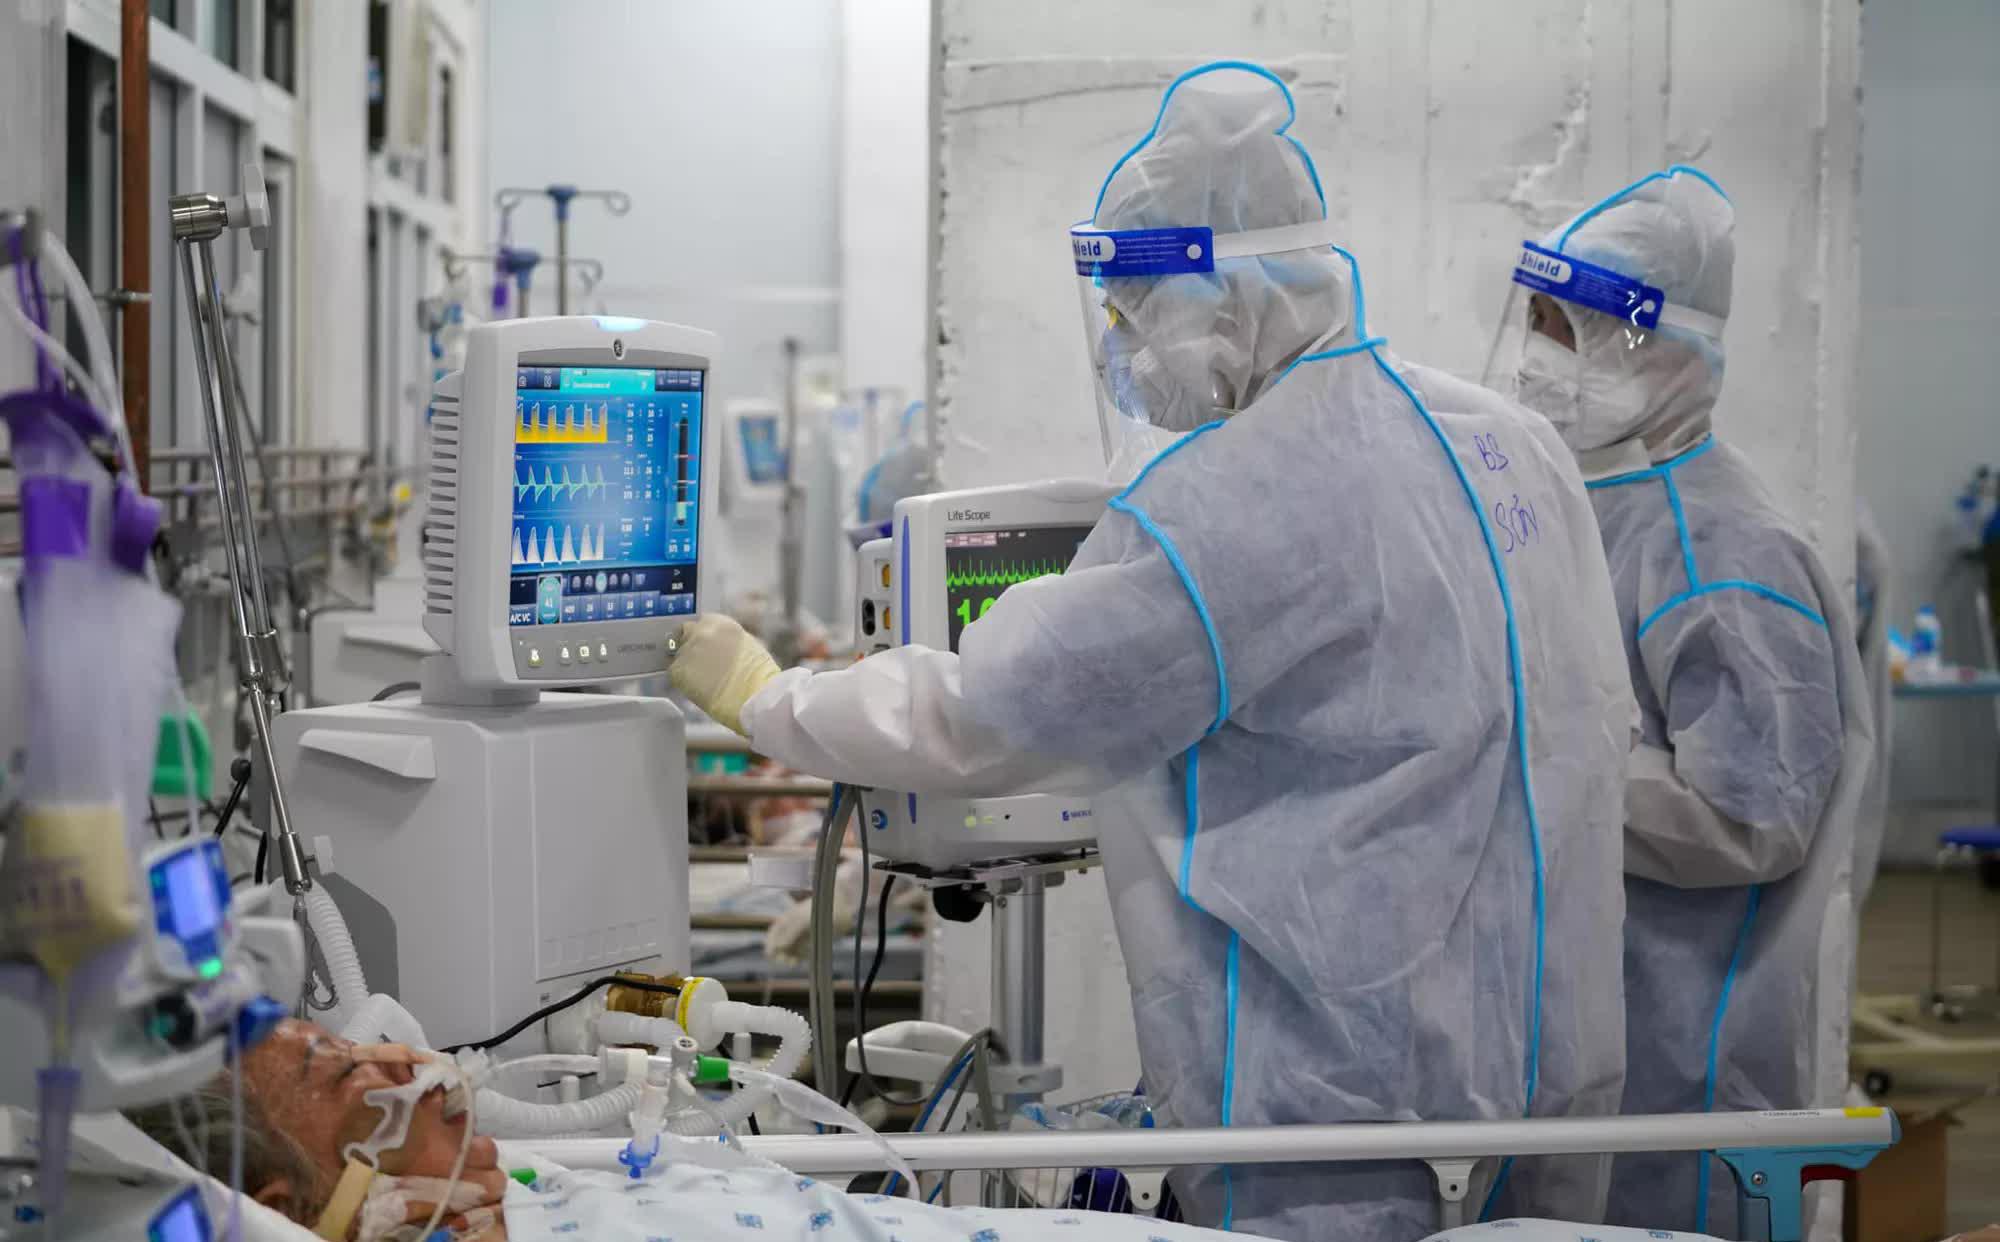 Hôm nay, Hà Nội phát hiện 2 trường hợp cách ly gần 1 tháng vẫn mắc Covid-19